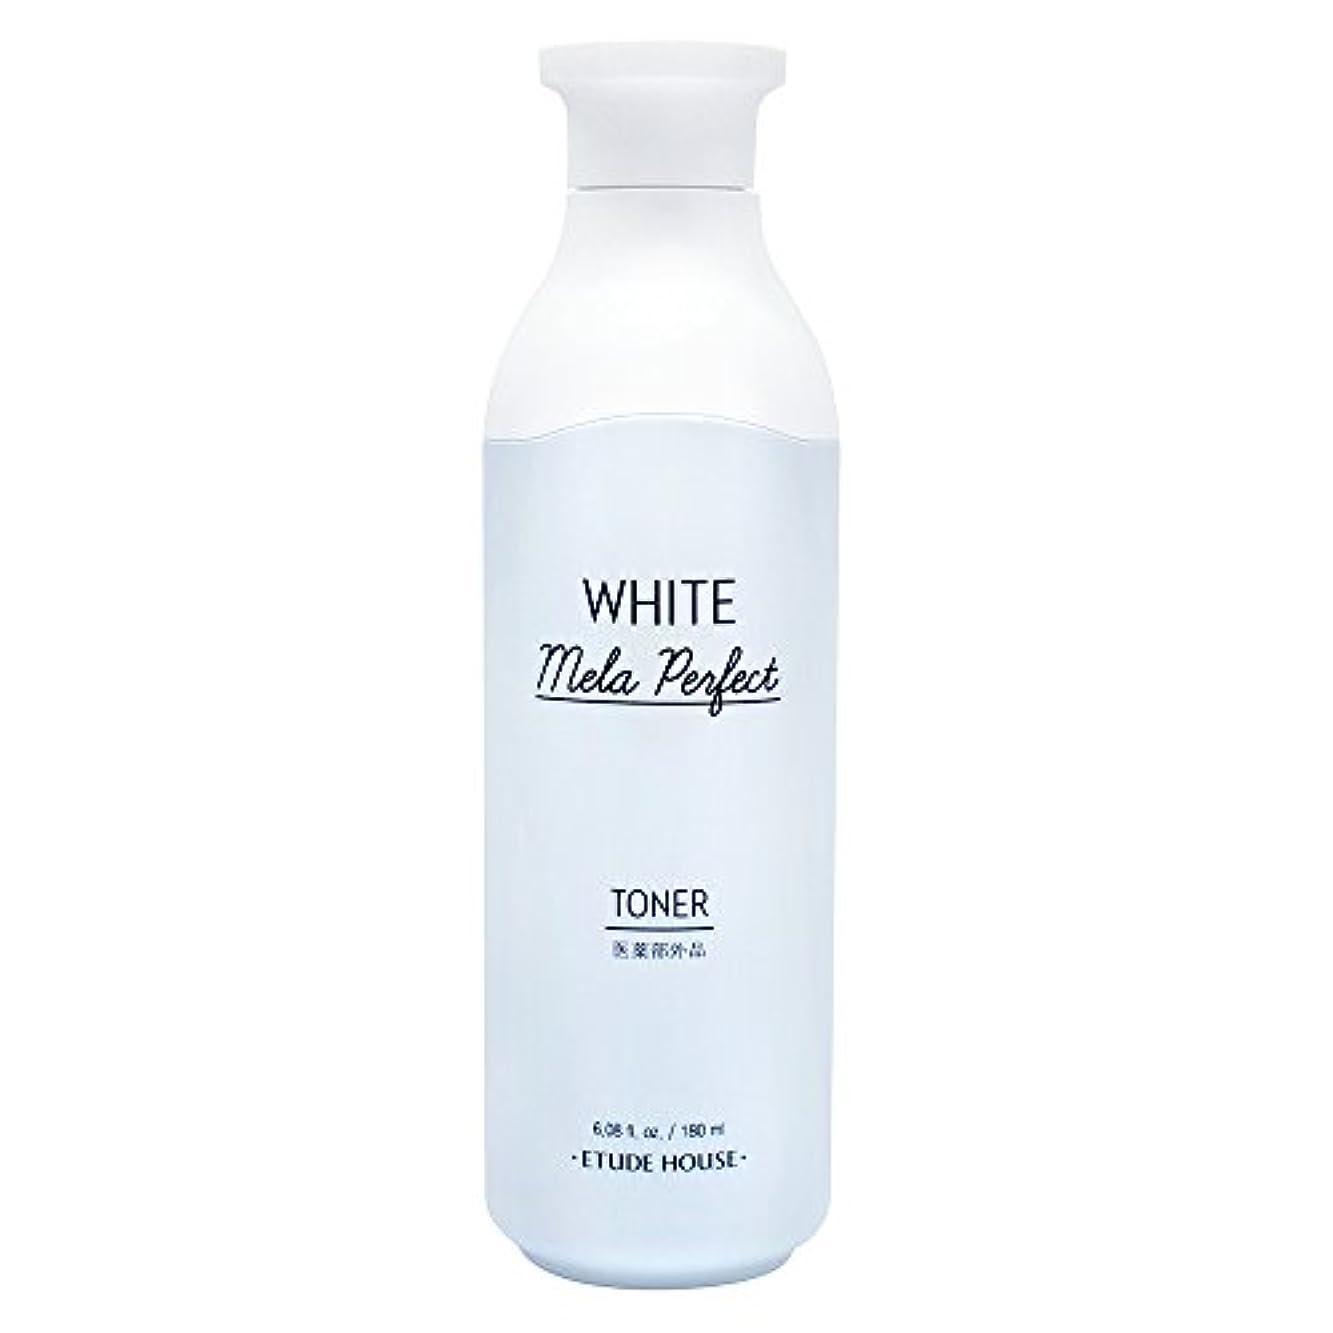 エチュードハウス(ETUDE HOUSE) ホワイトメラパーフェクト トナー[美白化粧水、化粧水]